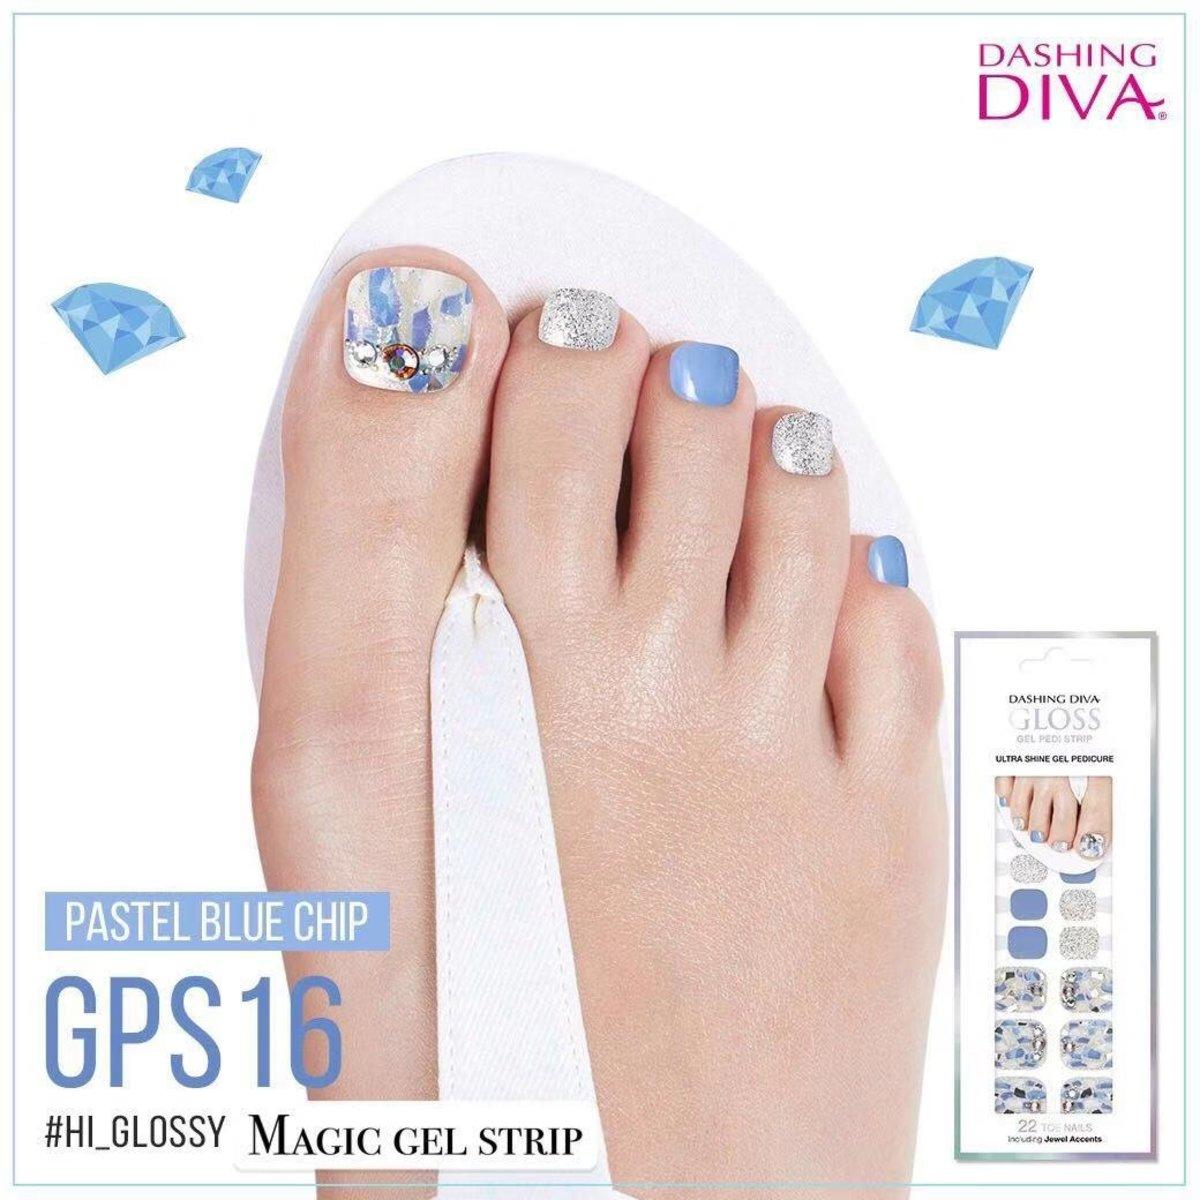 Magic Gel Strip GPS16 足部彩繪美甲貼 - 粉藍光影